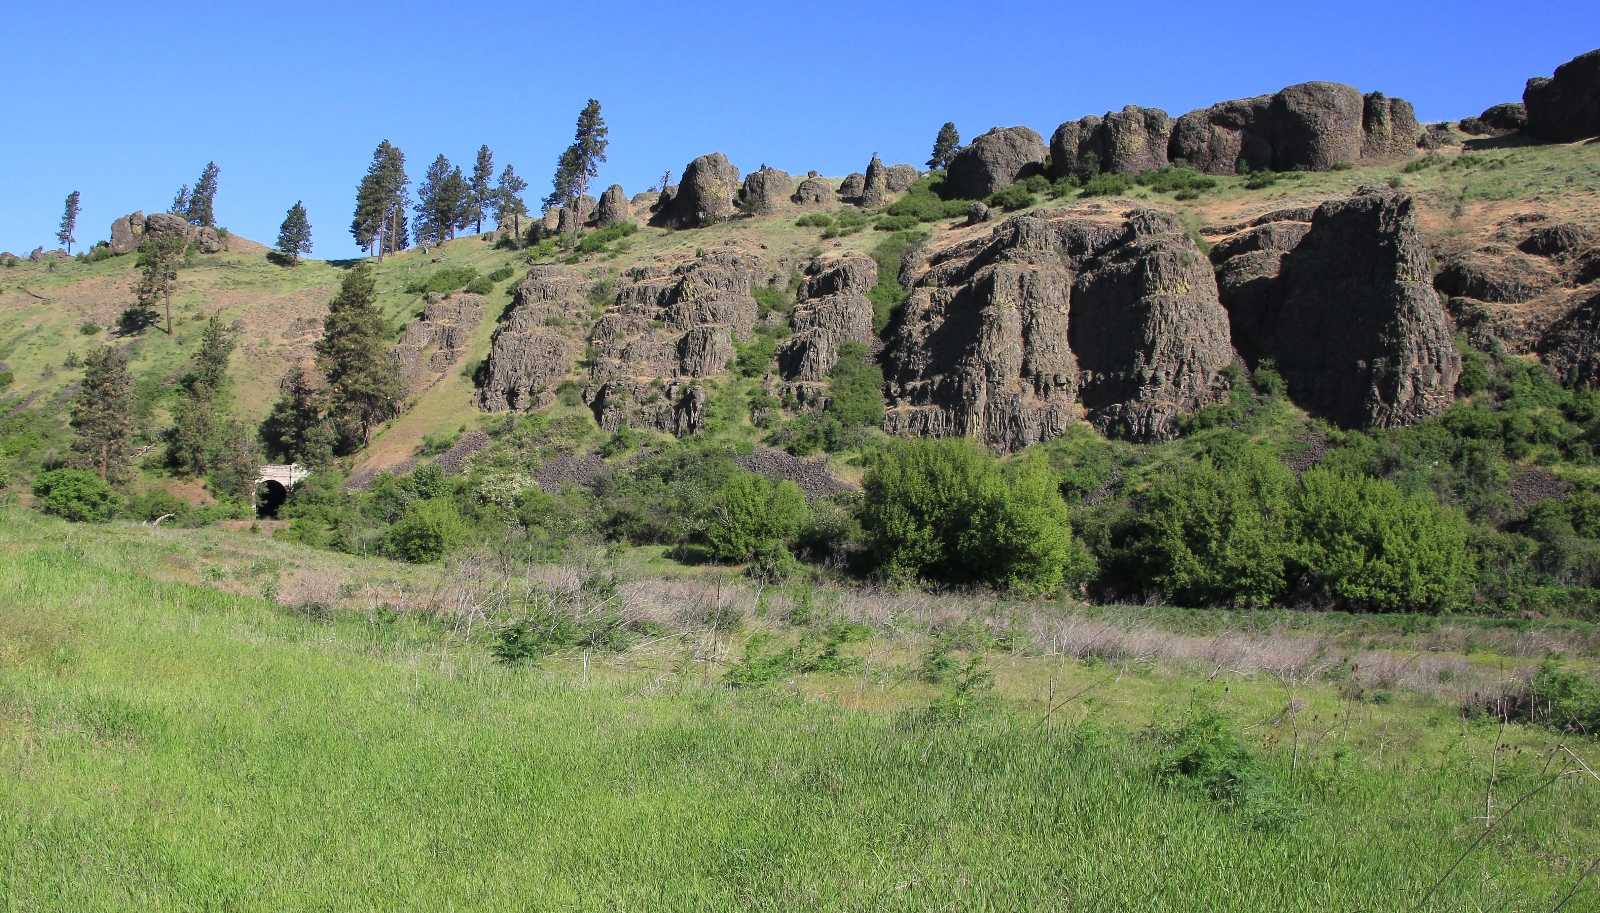 05-08-16 Colfax River Trail (34)